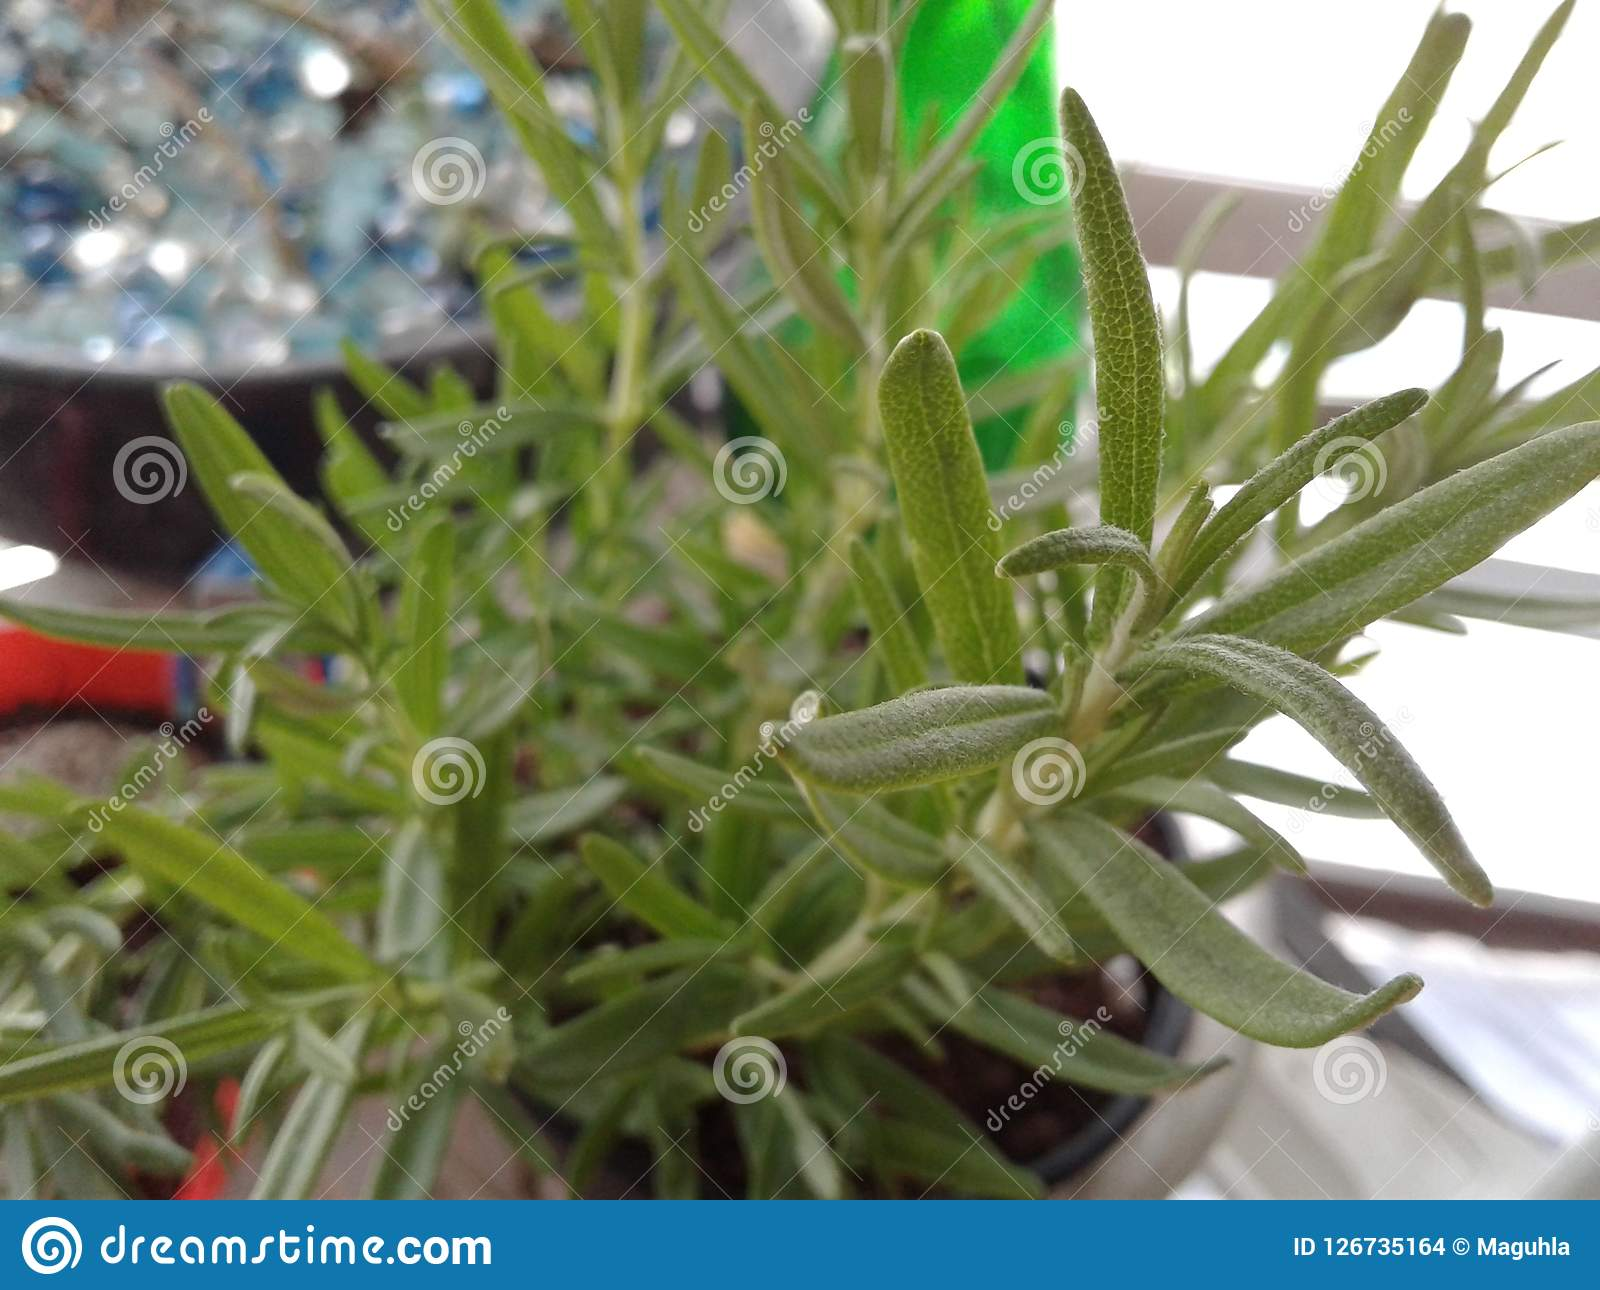 Herbes Aromatiques D Intérieur de rosemary de fin jardin d'herbes aromatiques d'intérieur